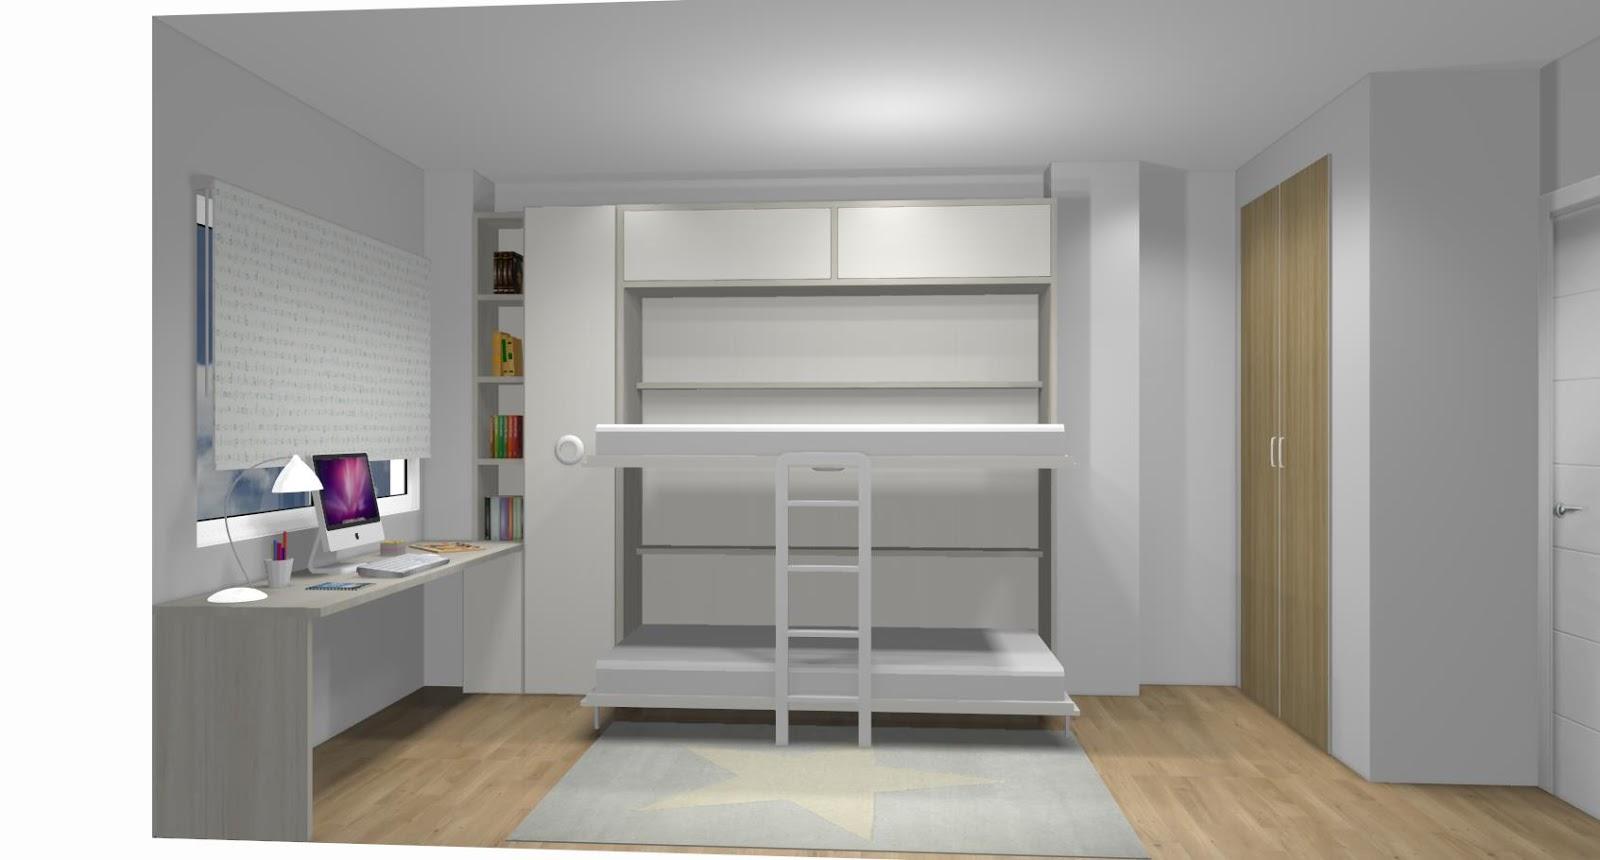 Dormitorio juvenil con cama compactoestanterias y zona de estudio debajo de la ventana